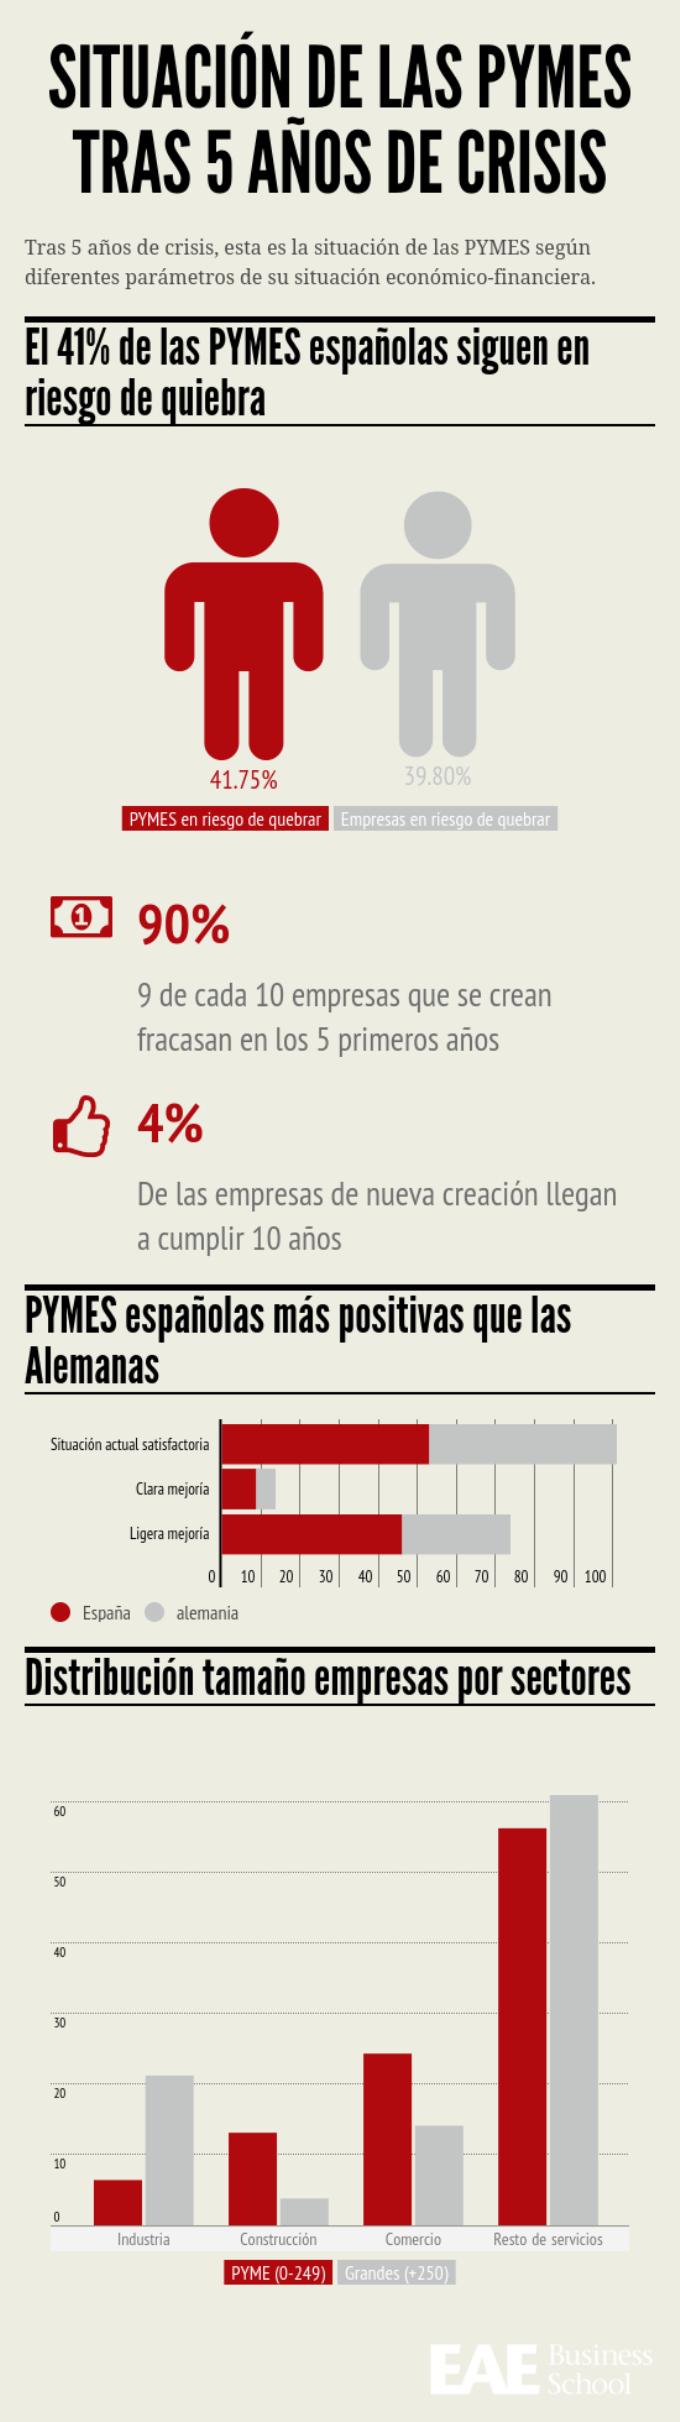 Infografía situación de las PYMES tras 5 años de crisis